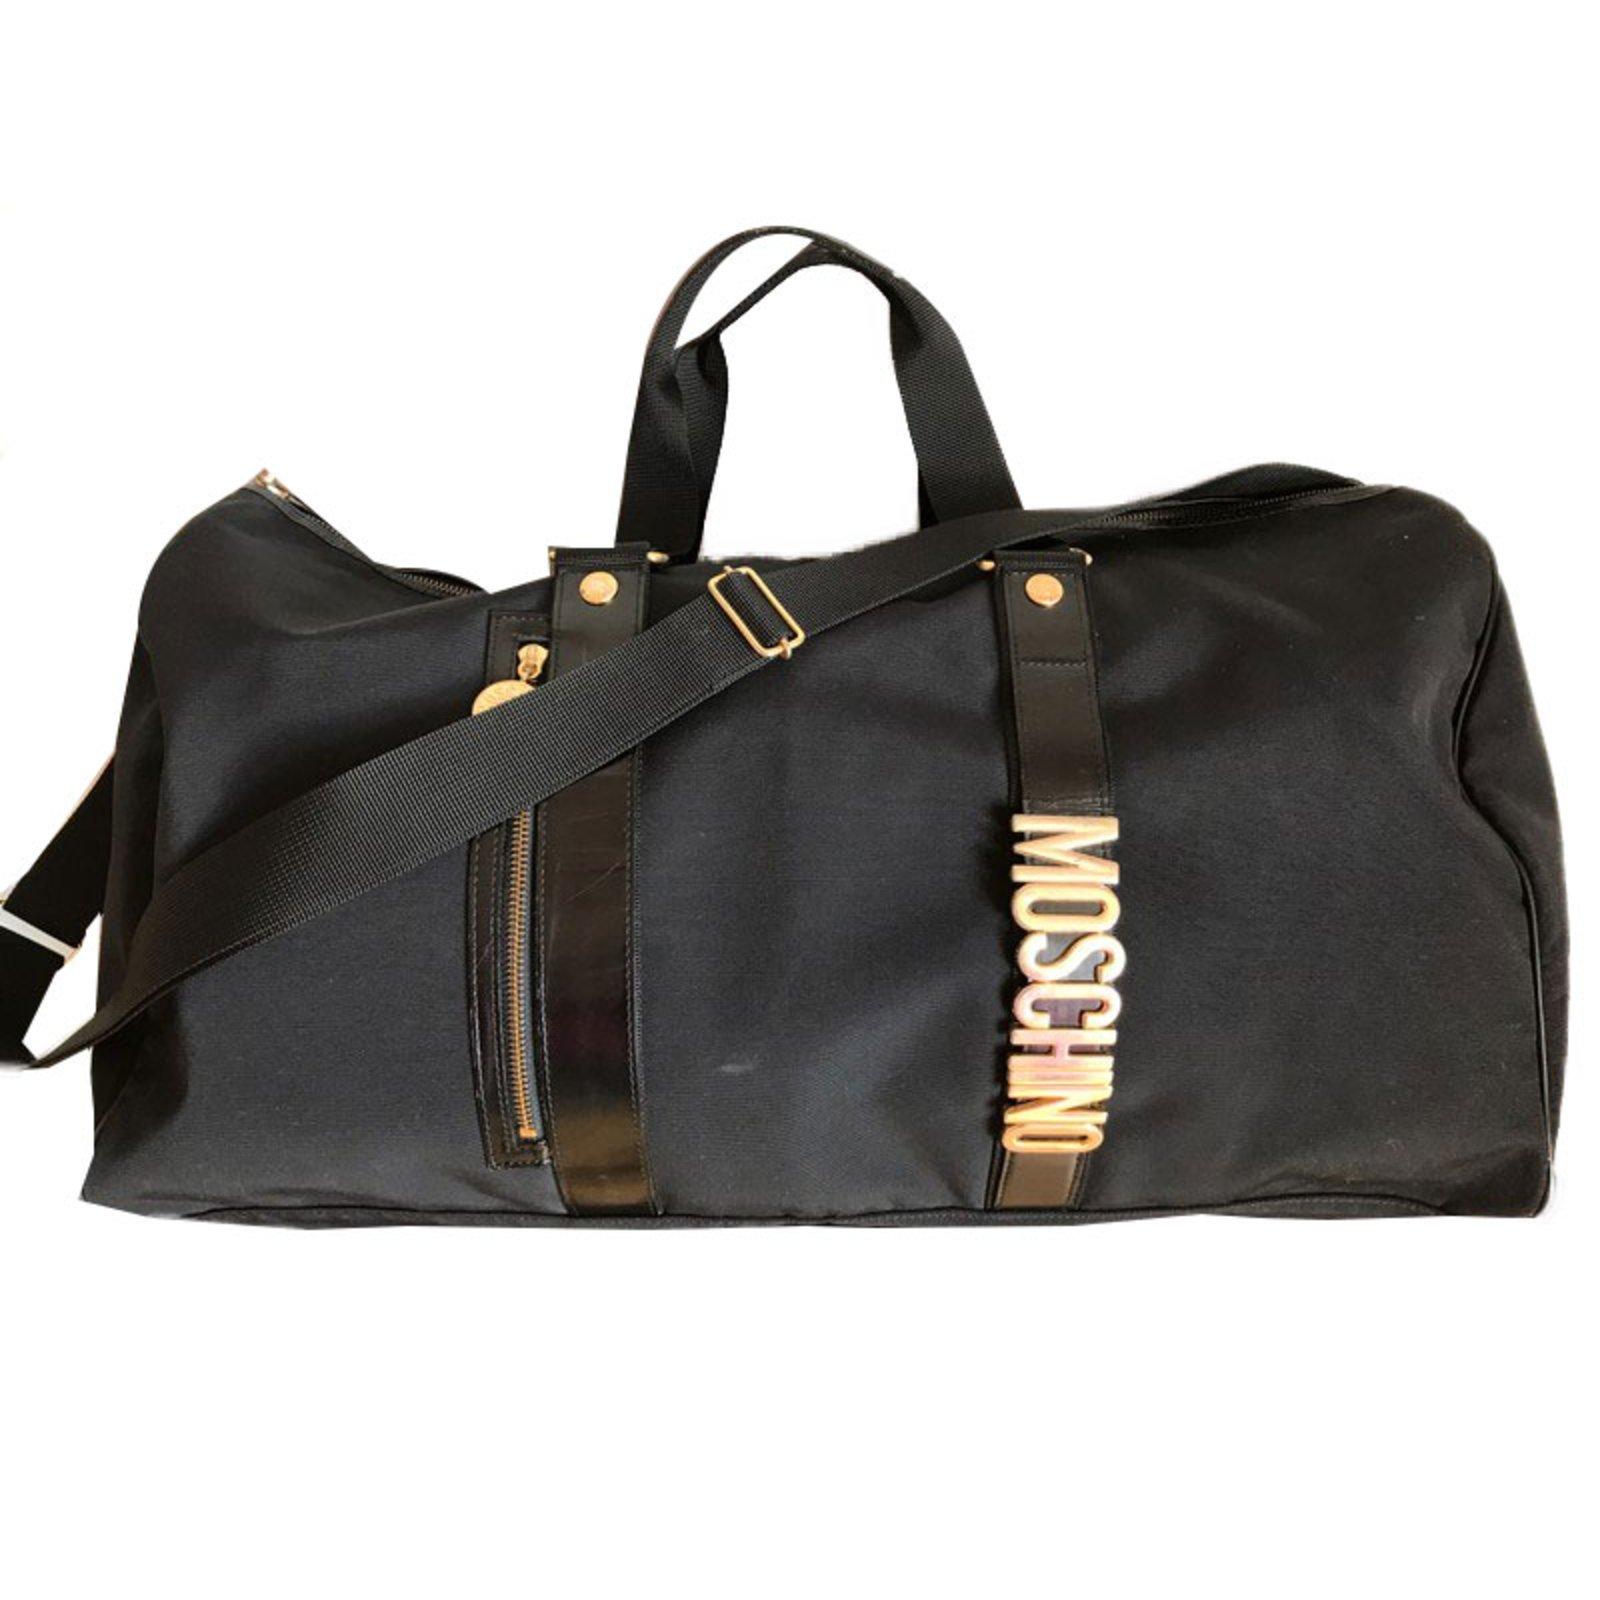 sacs de voyage moschino sac de voyage cuir m tal nylon. Black Bedroom Furniture Sets. Home Design Ideas